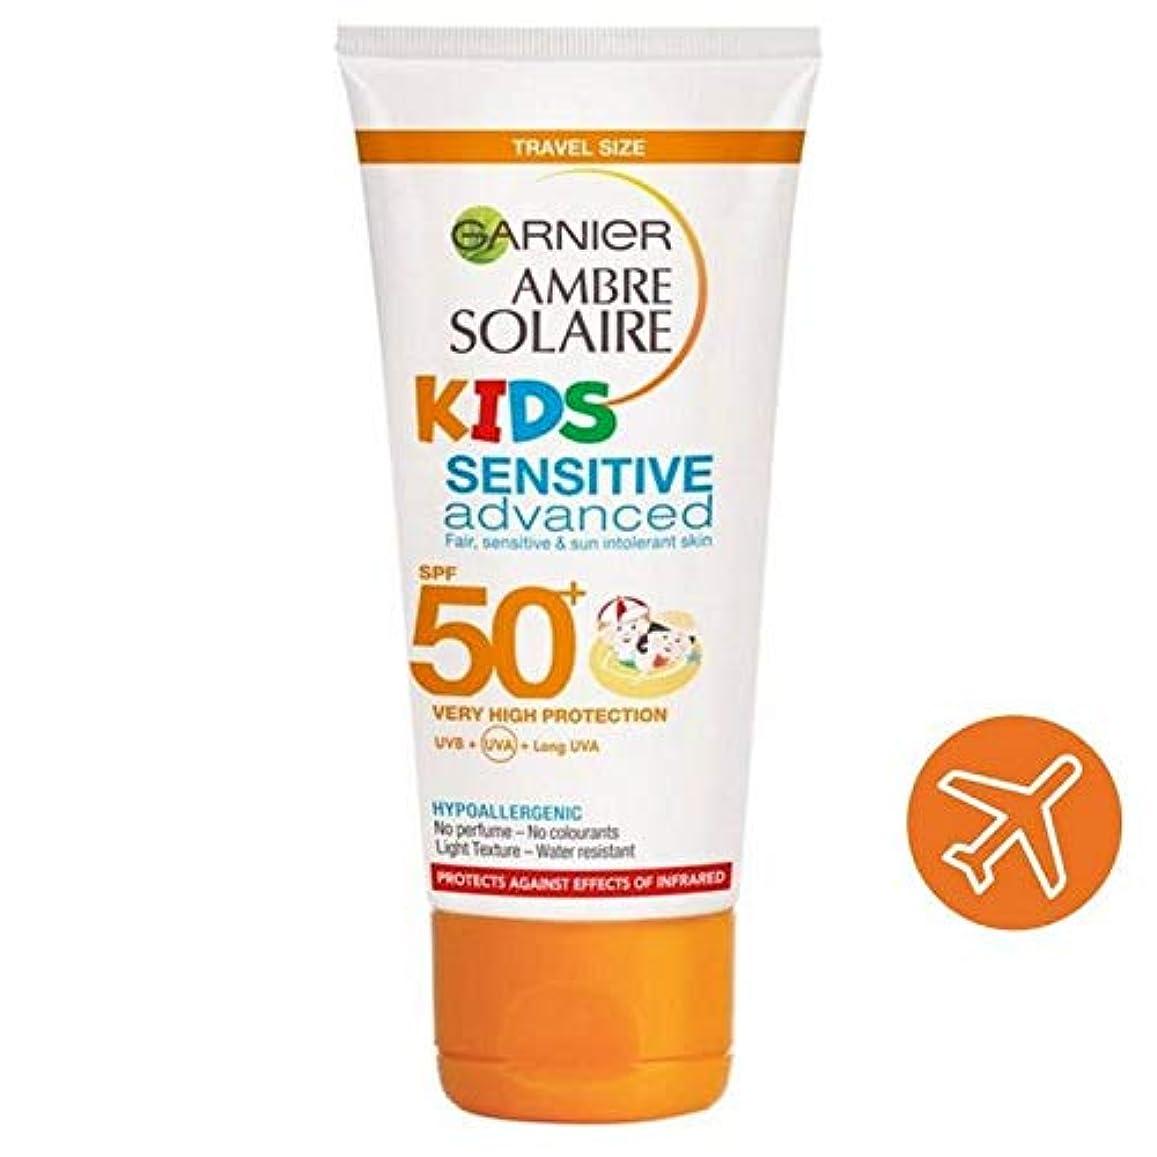 嬉しいですペレット首相[Garnier ] アンブレSolaire子供敏感サンクリームSpf50 + 50ミリリットル - Ambre Solaire Kids Sensitive Sun Cream SPF50+ 50ml [並行輸入品]